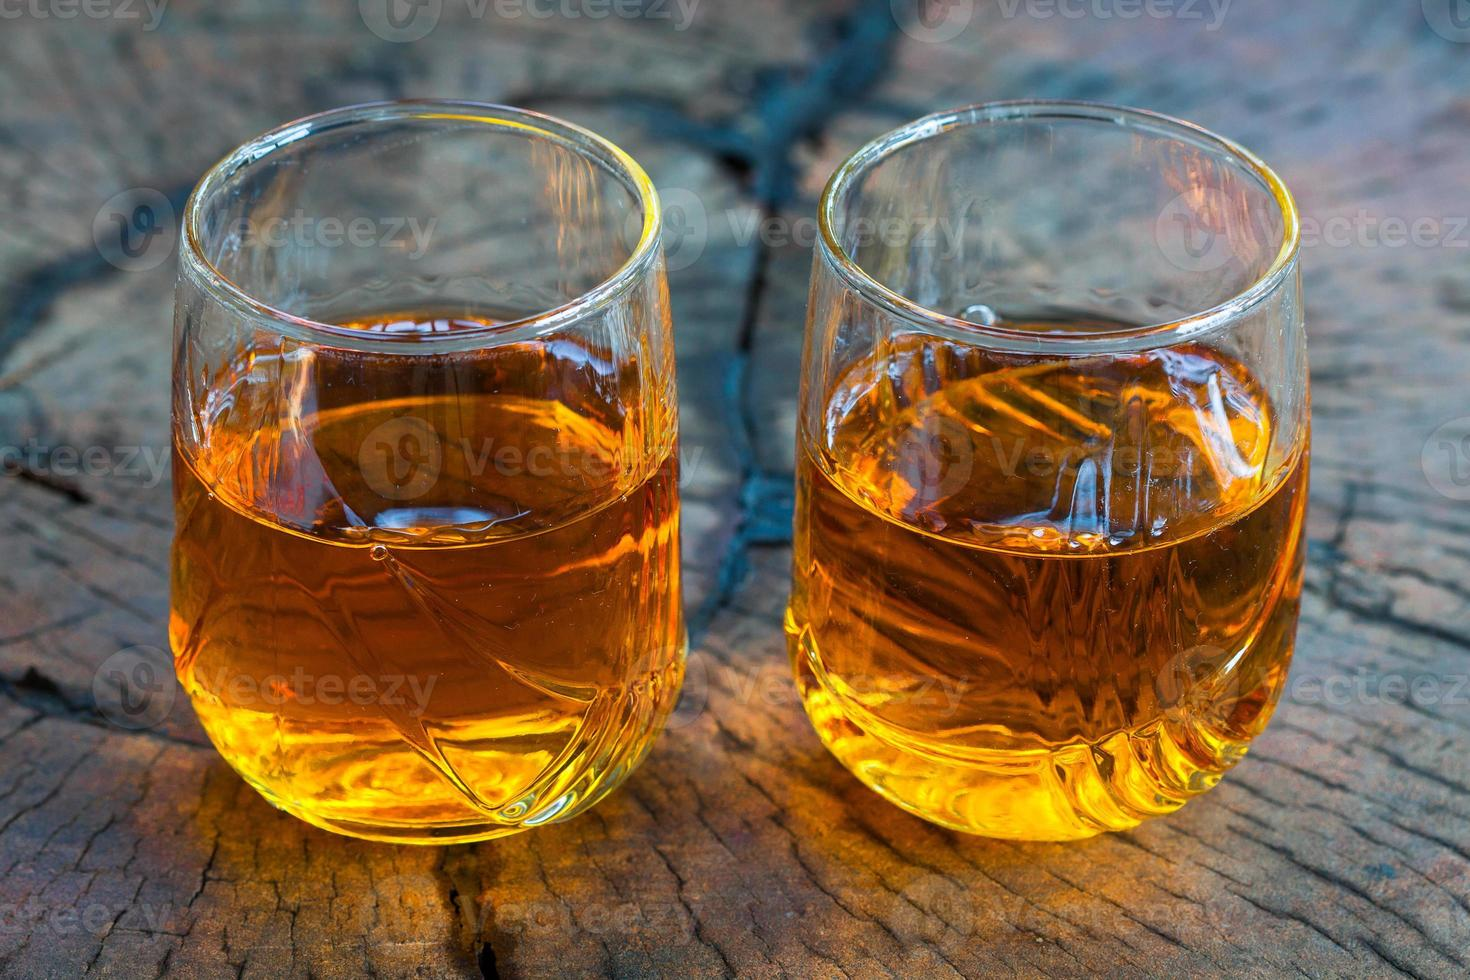 guldbrun whisky på klipporna i ett glas foto